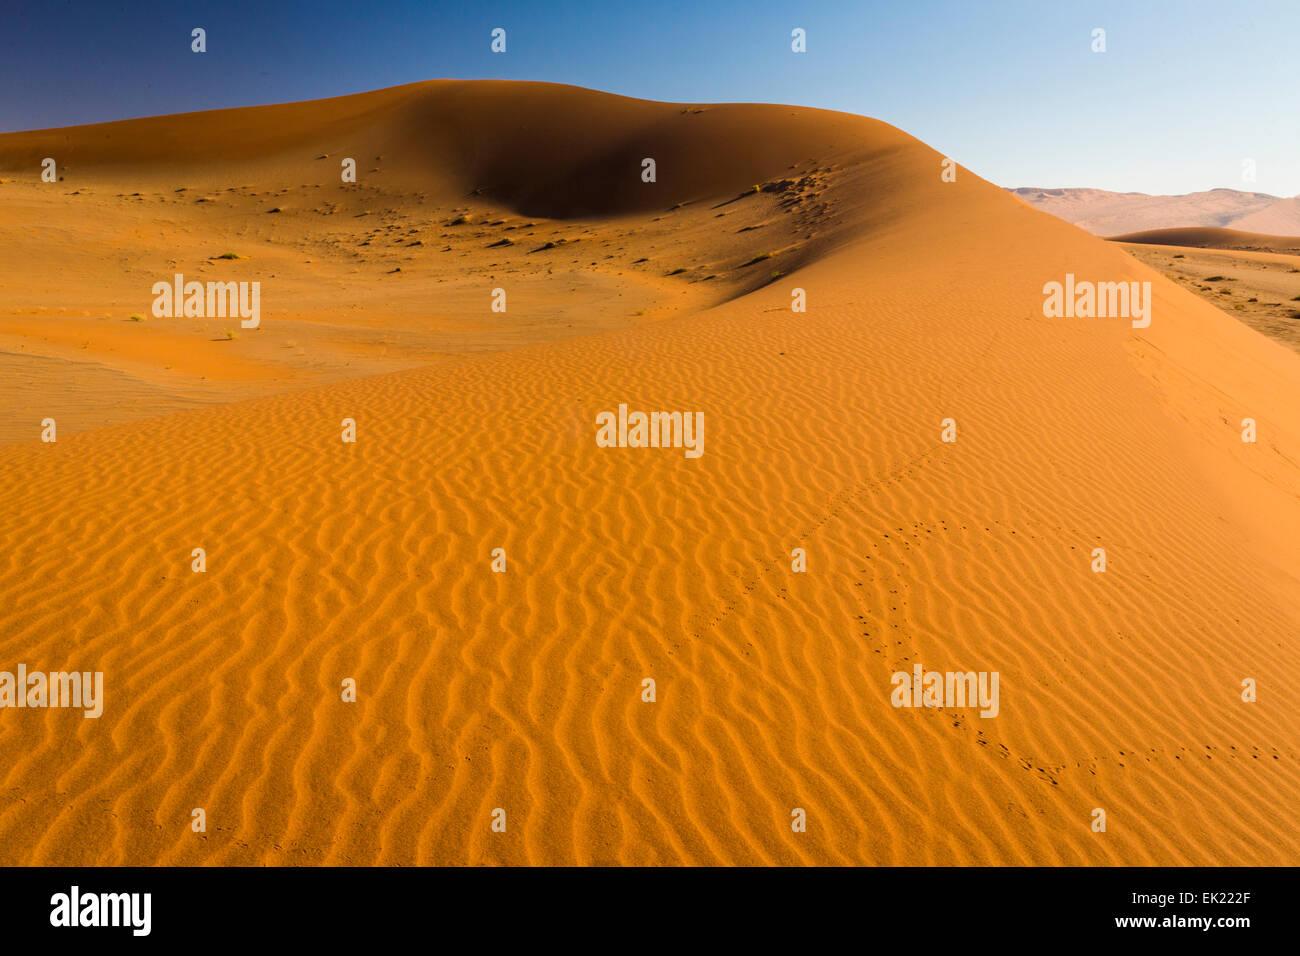 Dune de sable du désert du Namib près de Sossusvlei dans Namib-Naukluft National Park, Namibie Photo Stock